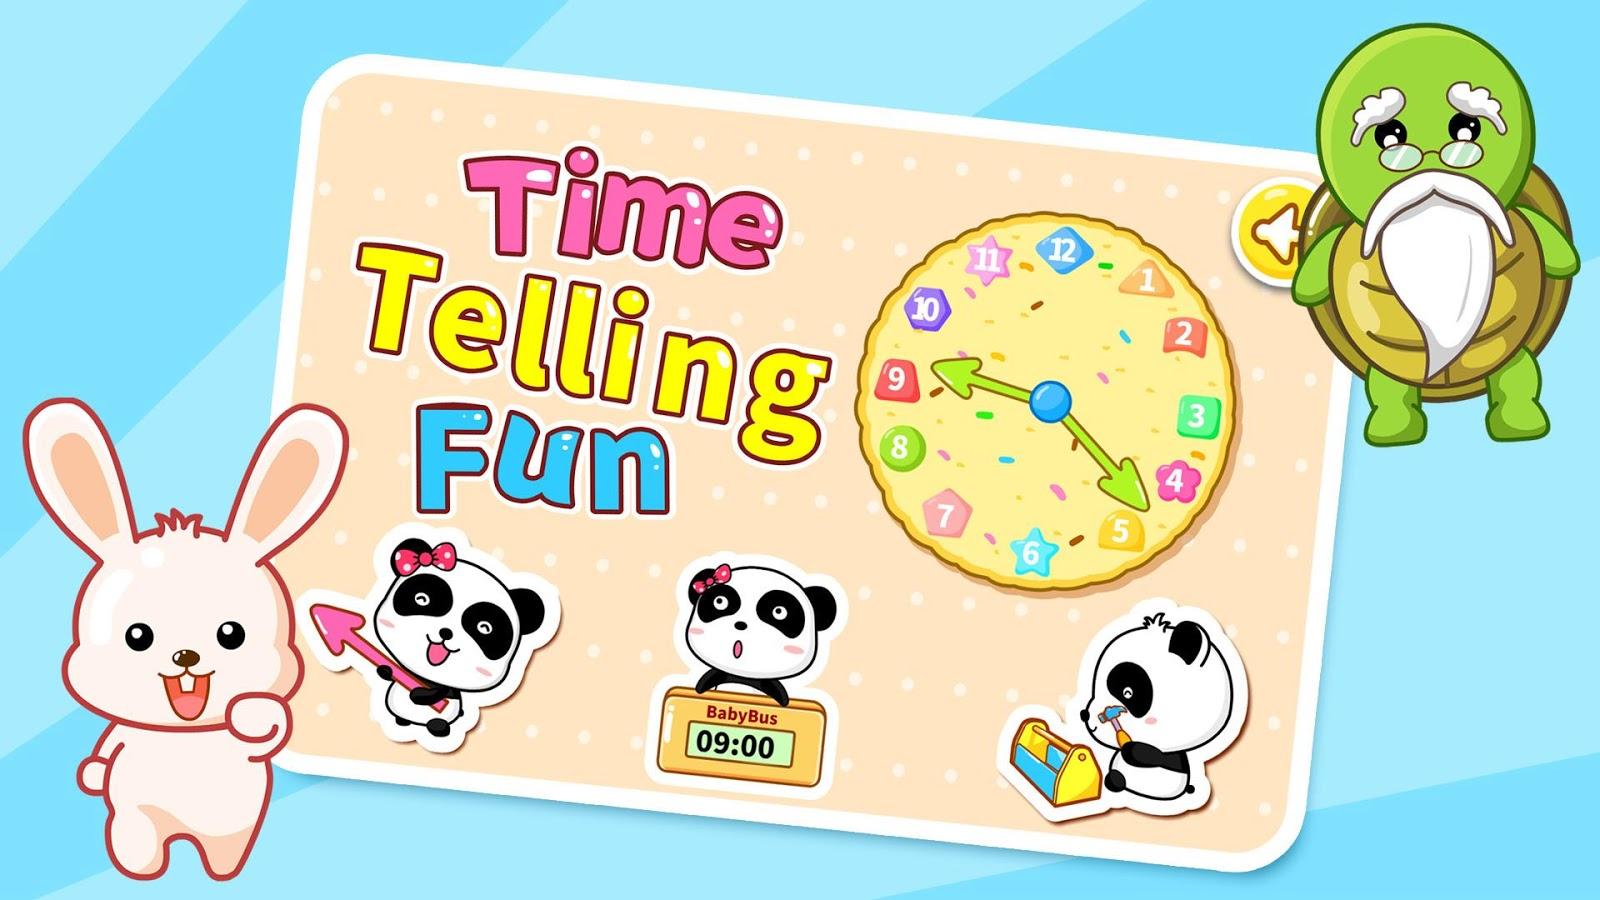 Time Telling Fun by BabyBus - screenshot